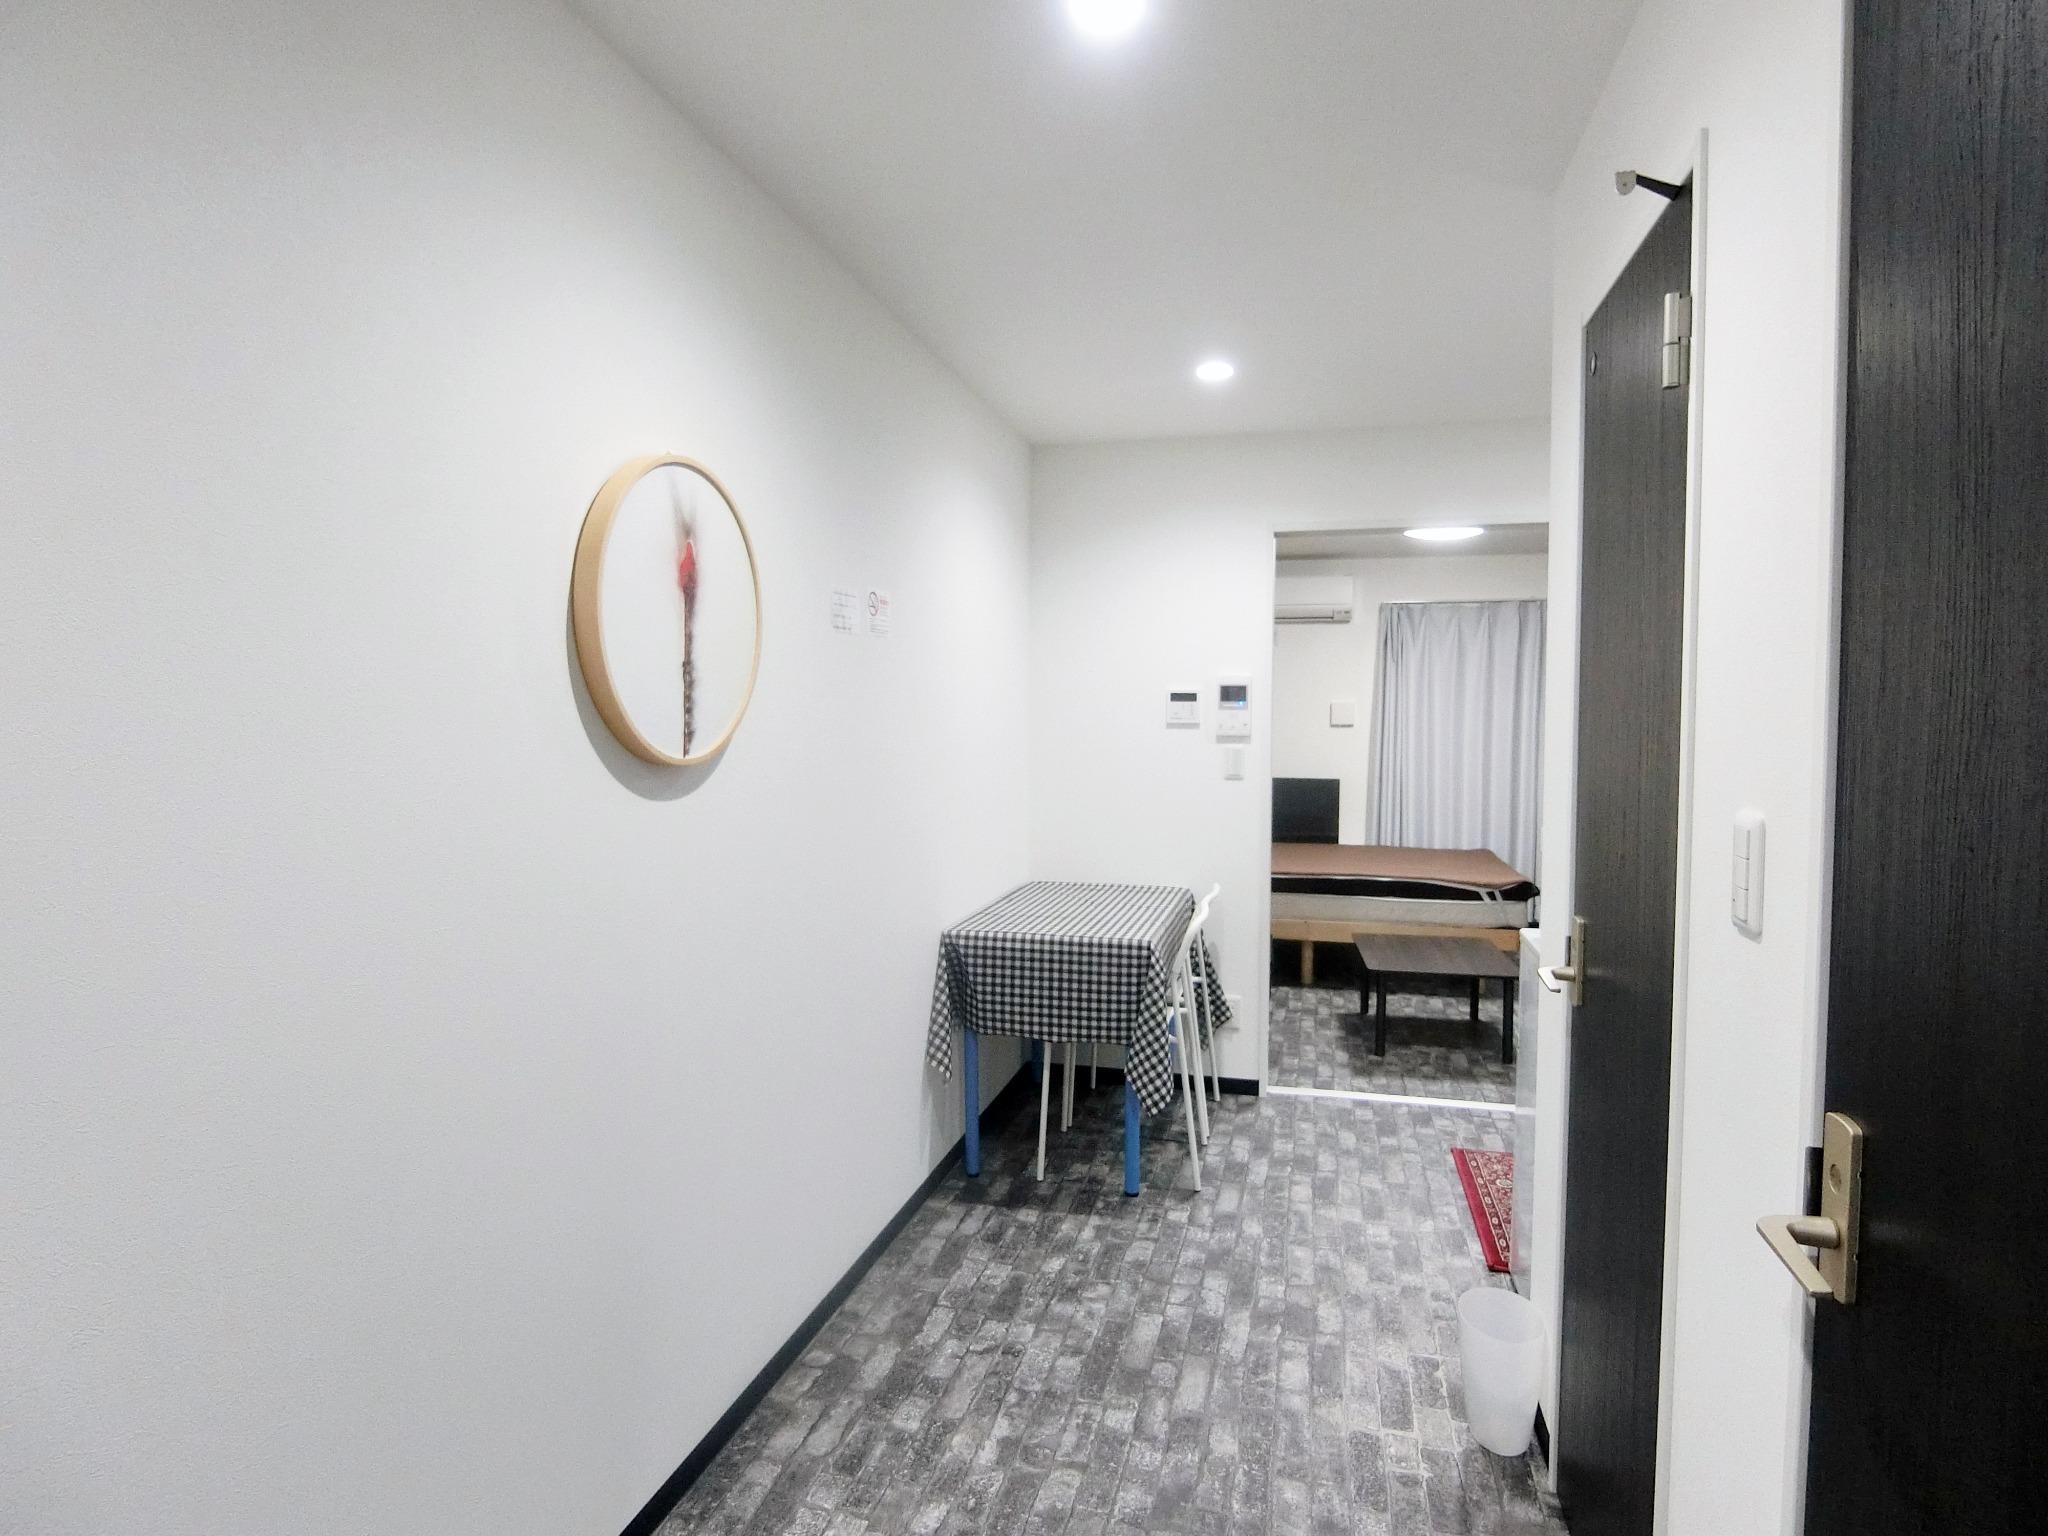 洋室1 1DK部屋、京都、神戸方面へも電車一本!阪急十三駅からすぐ!Wi-Fi完備